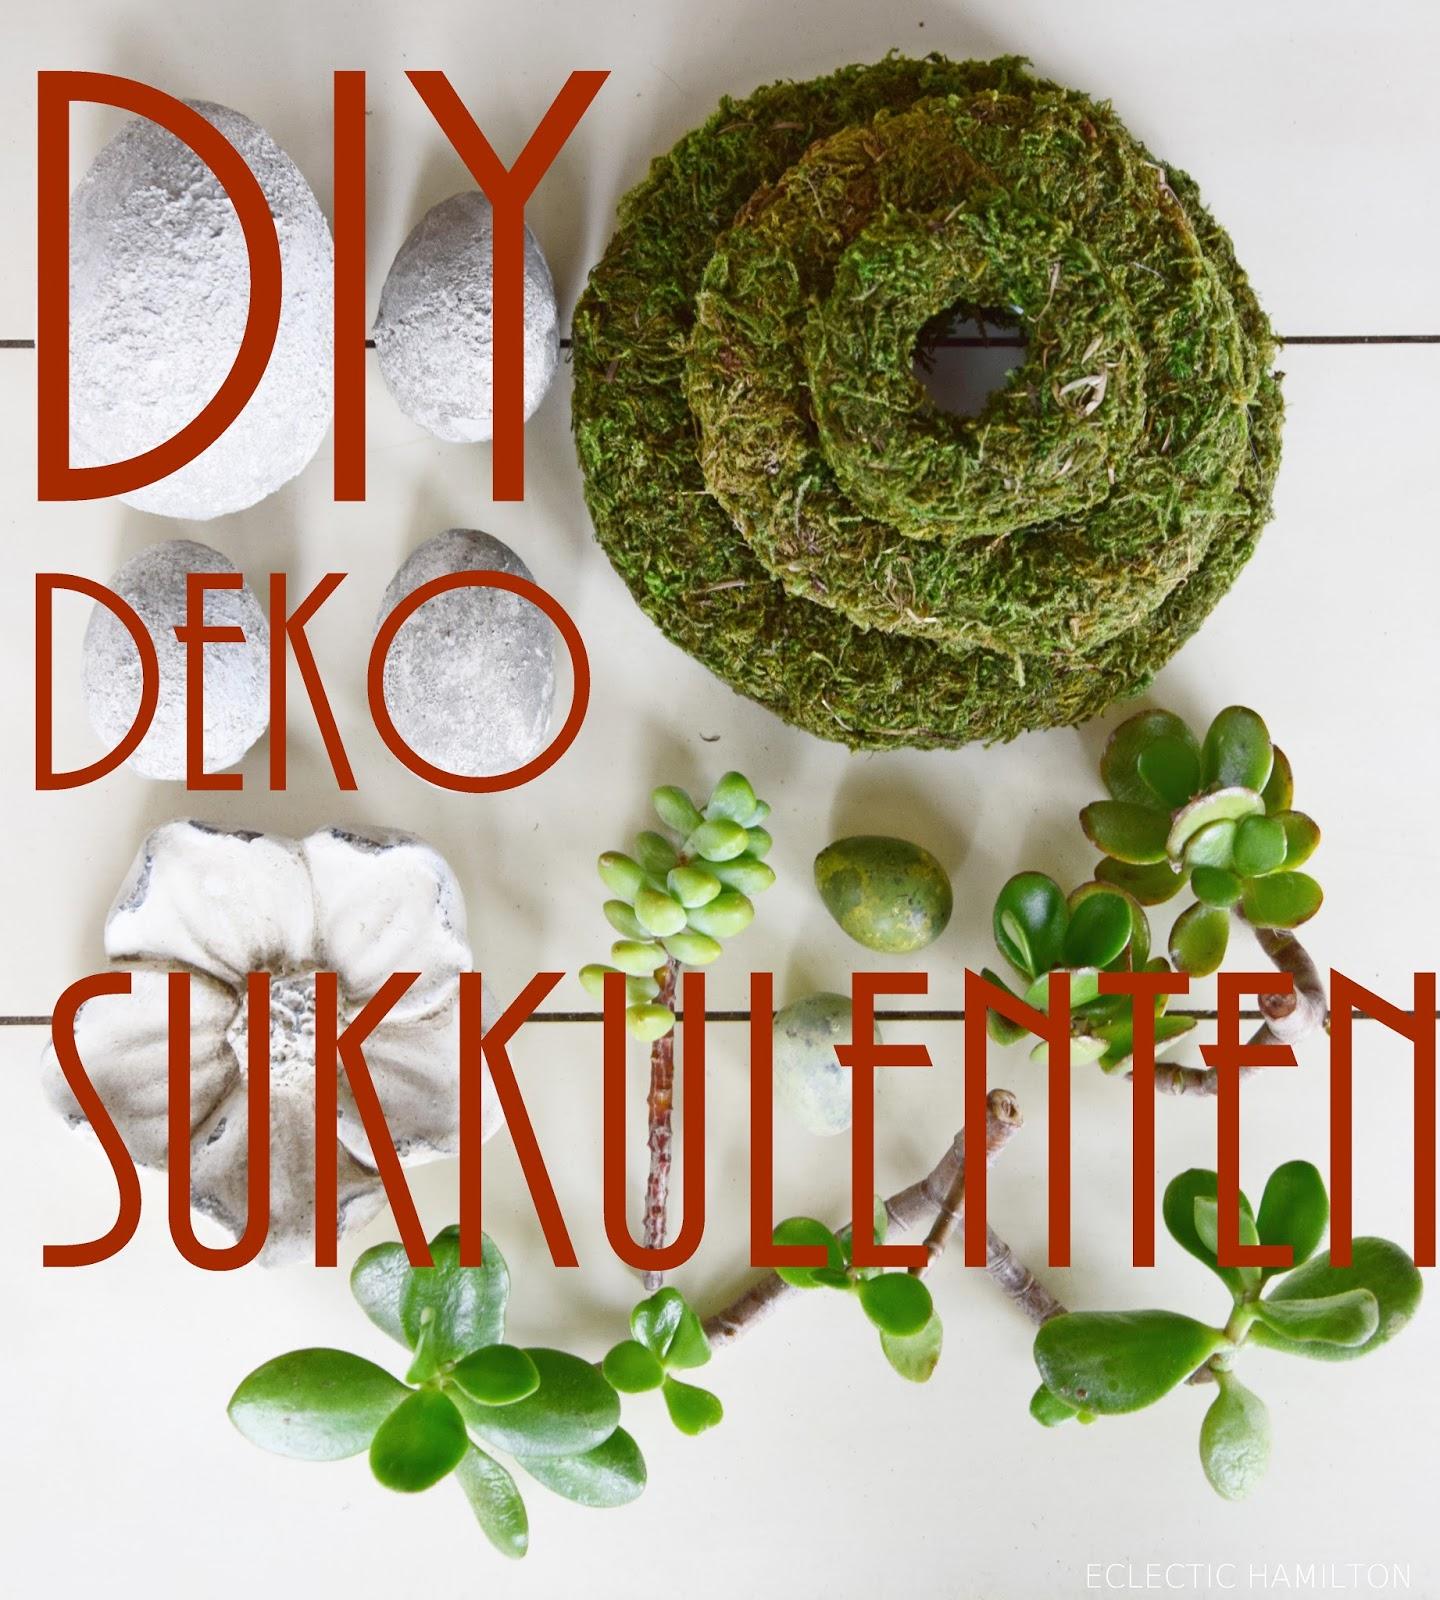 Deko mit Sukkulenten ohne Erde! Die perfekte Deko für euren Tisch, Konsole und Sideboard